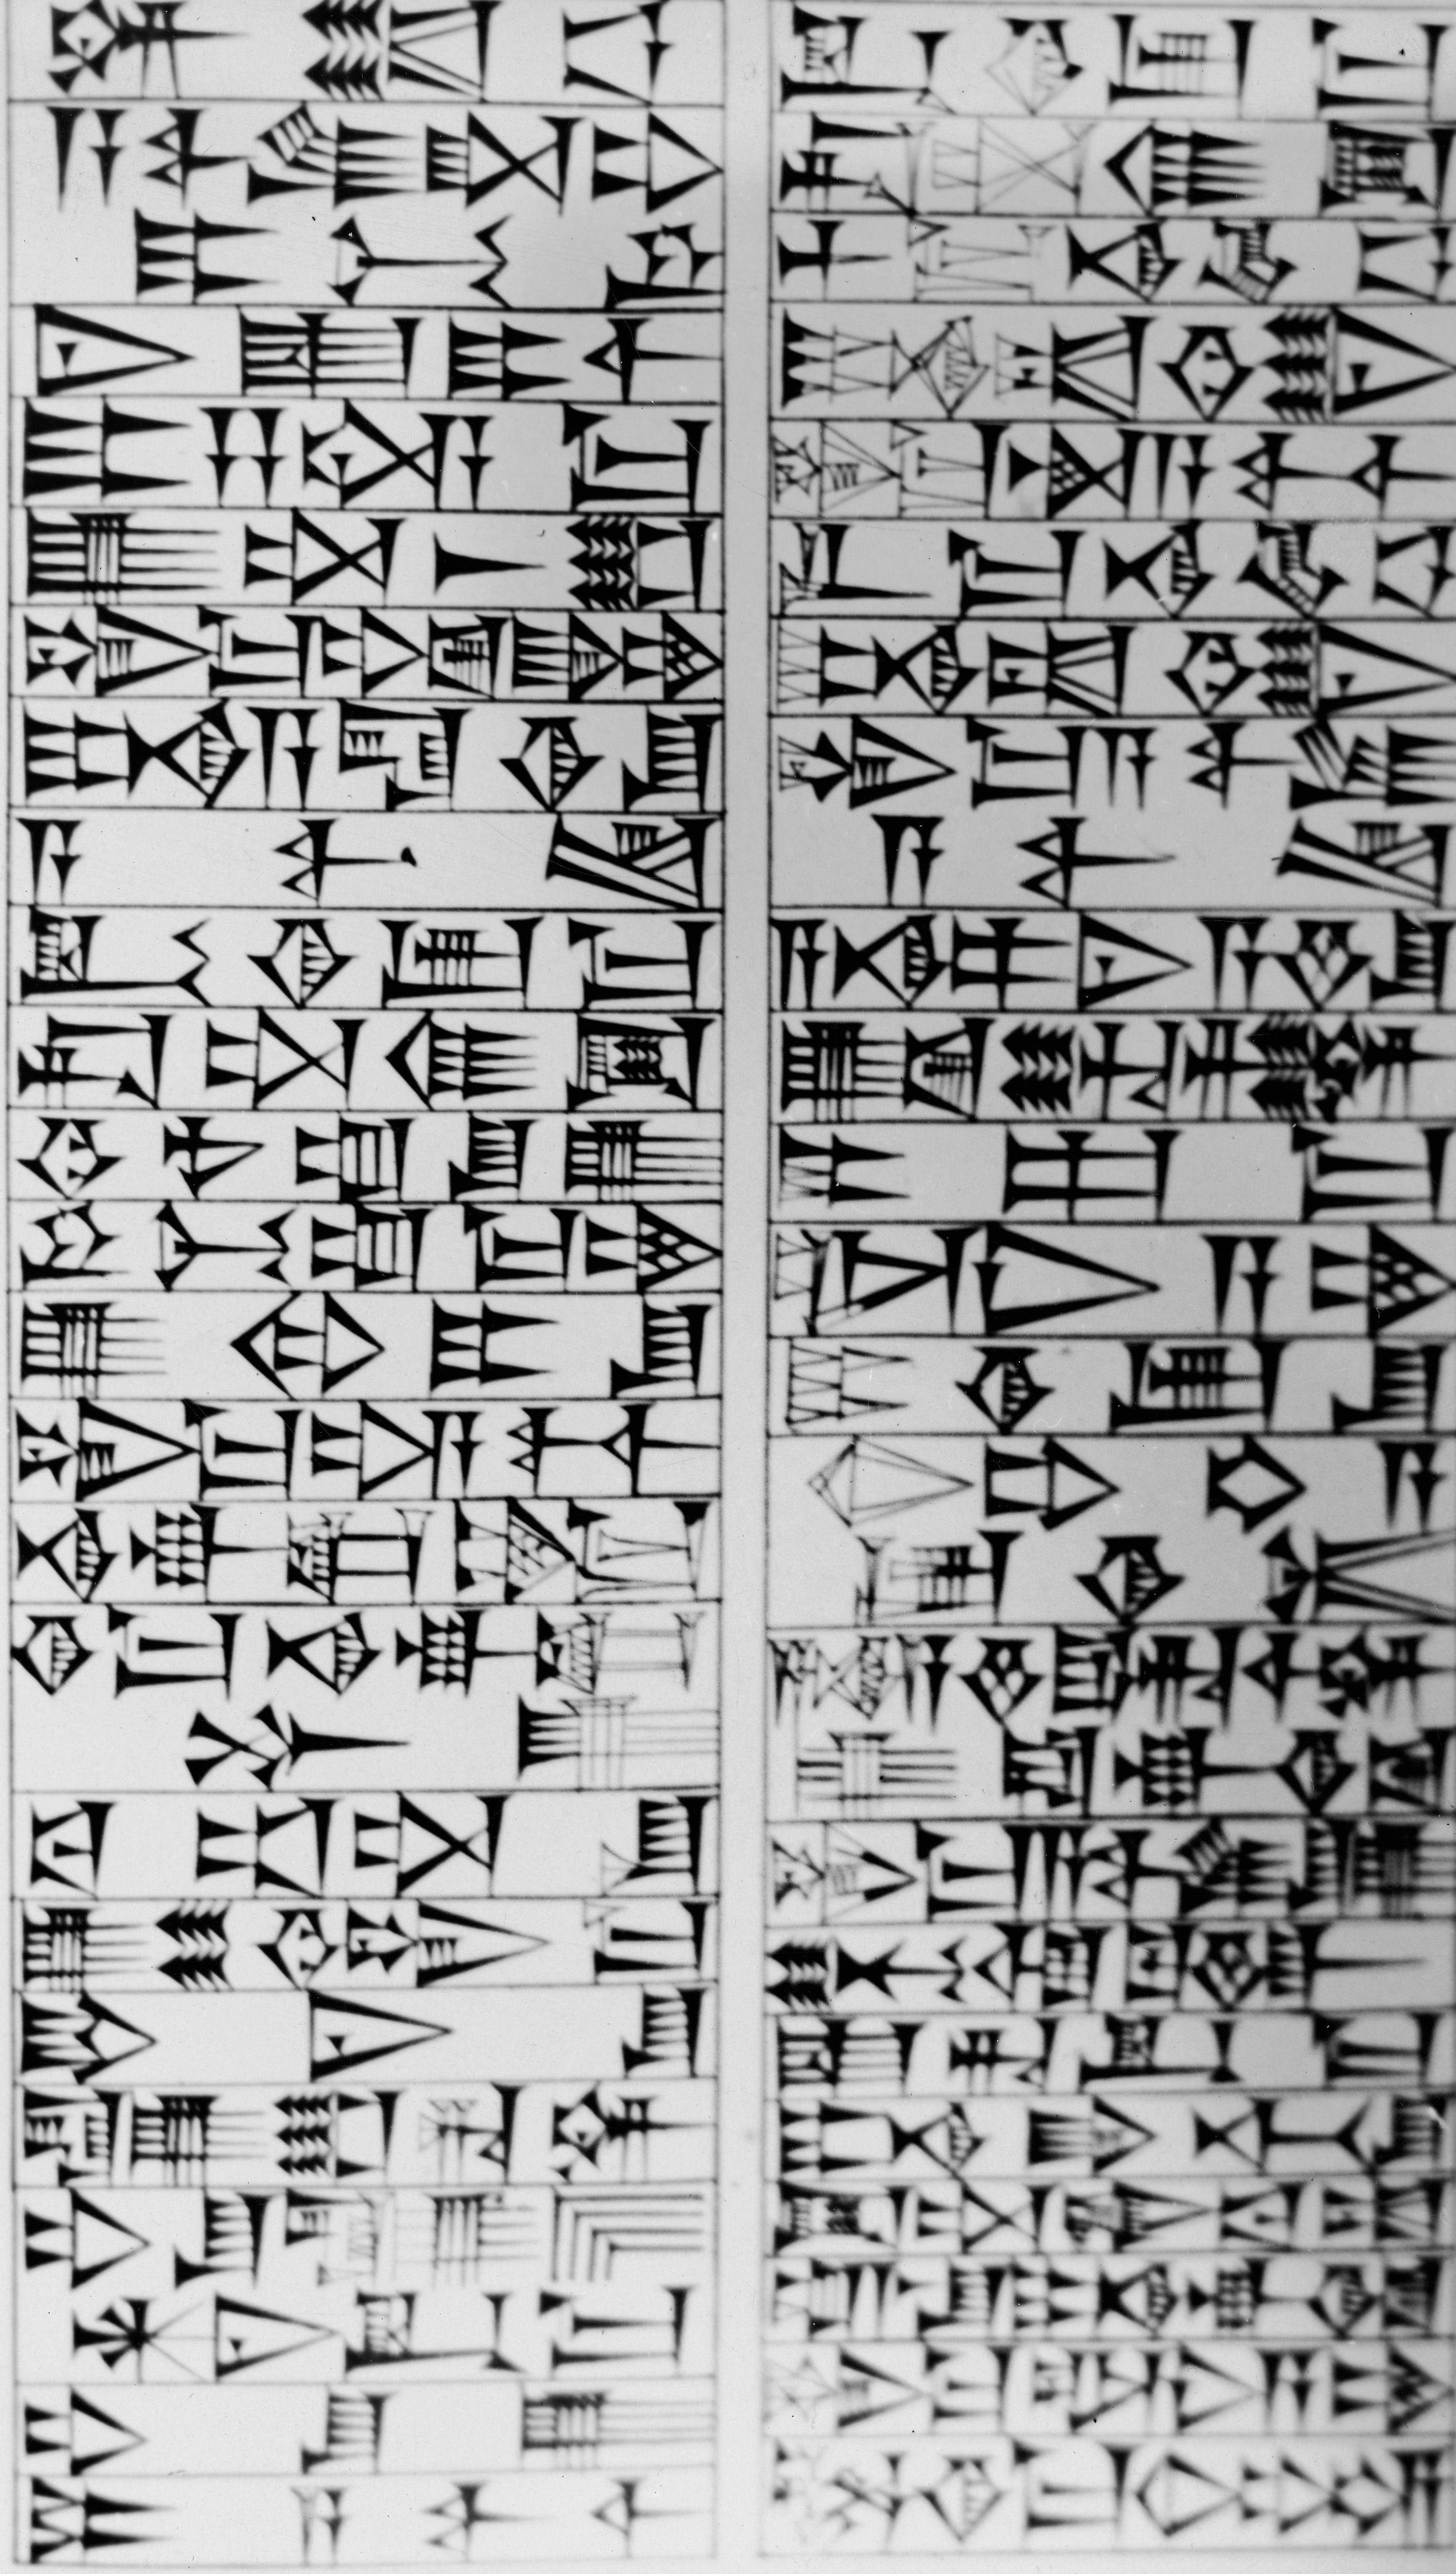 About The Code Of Hammurabi